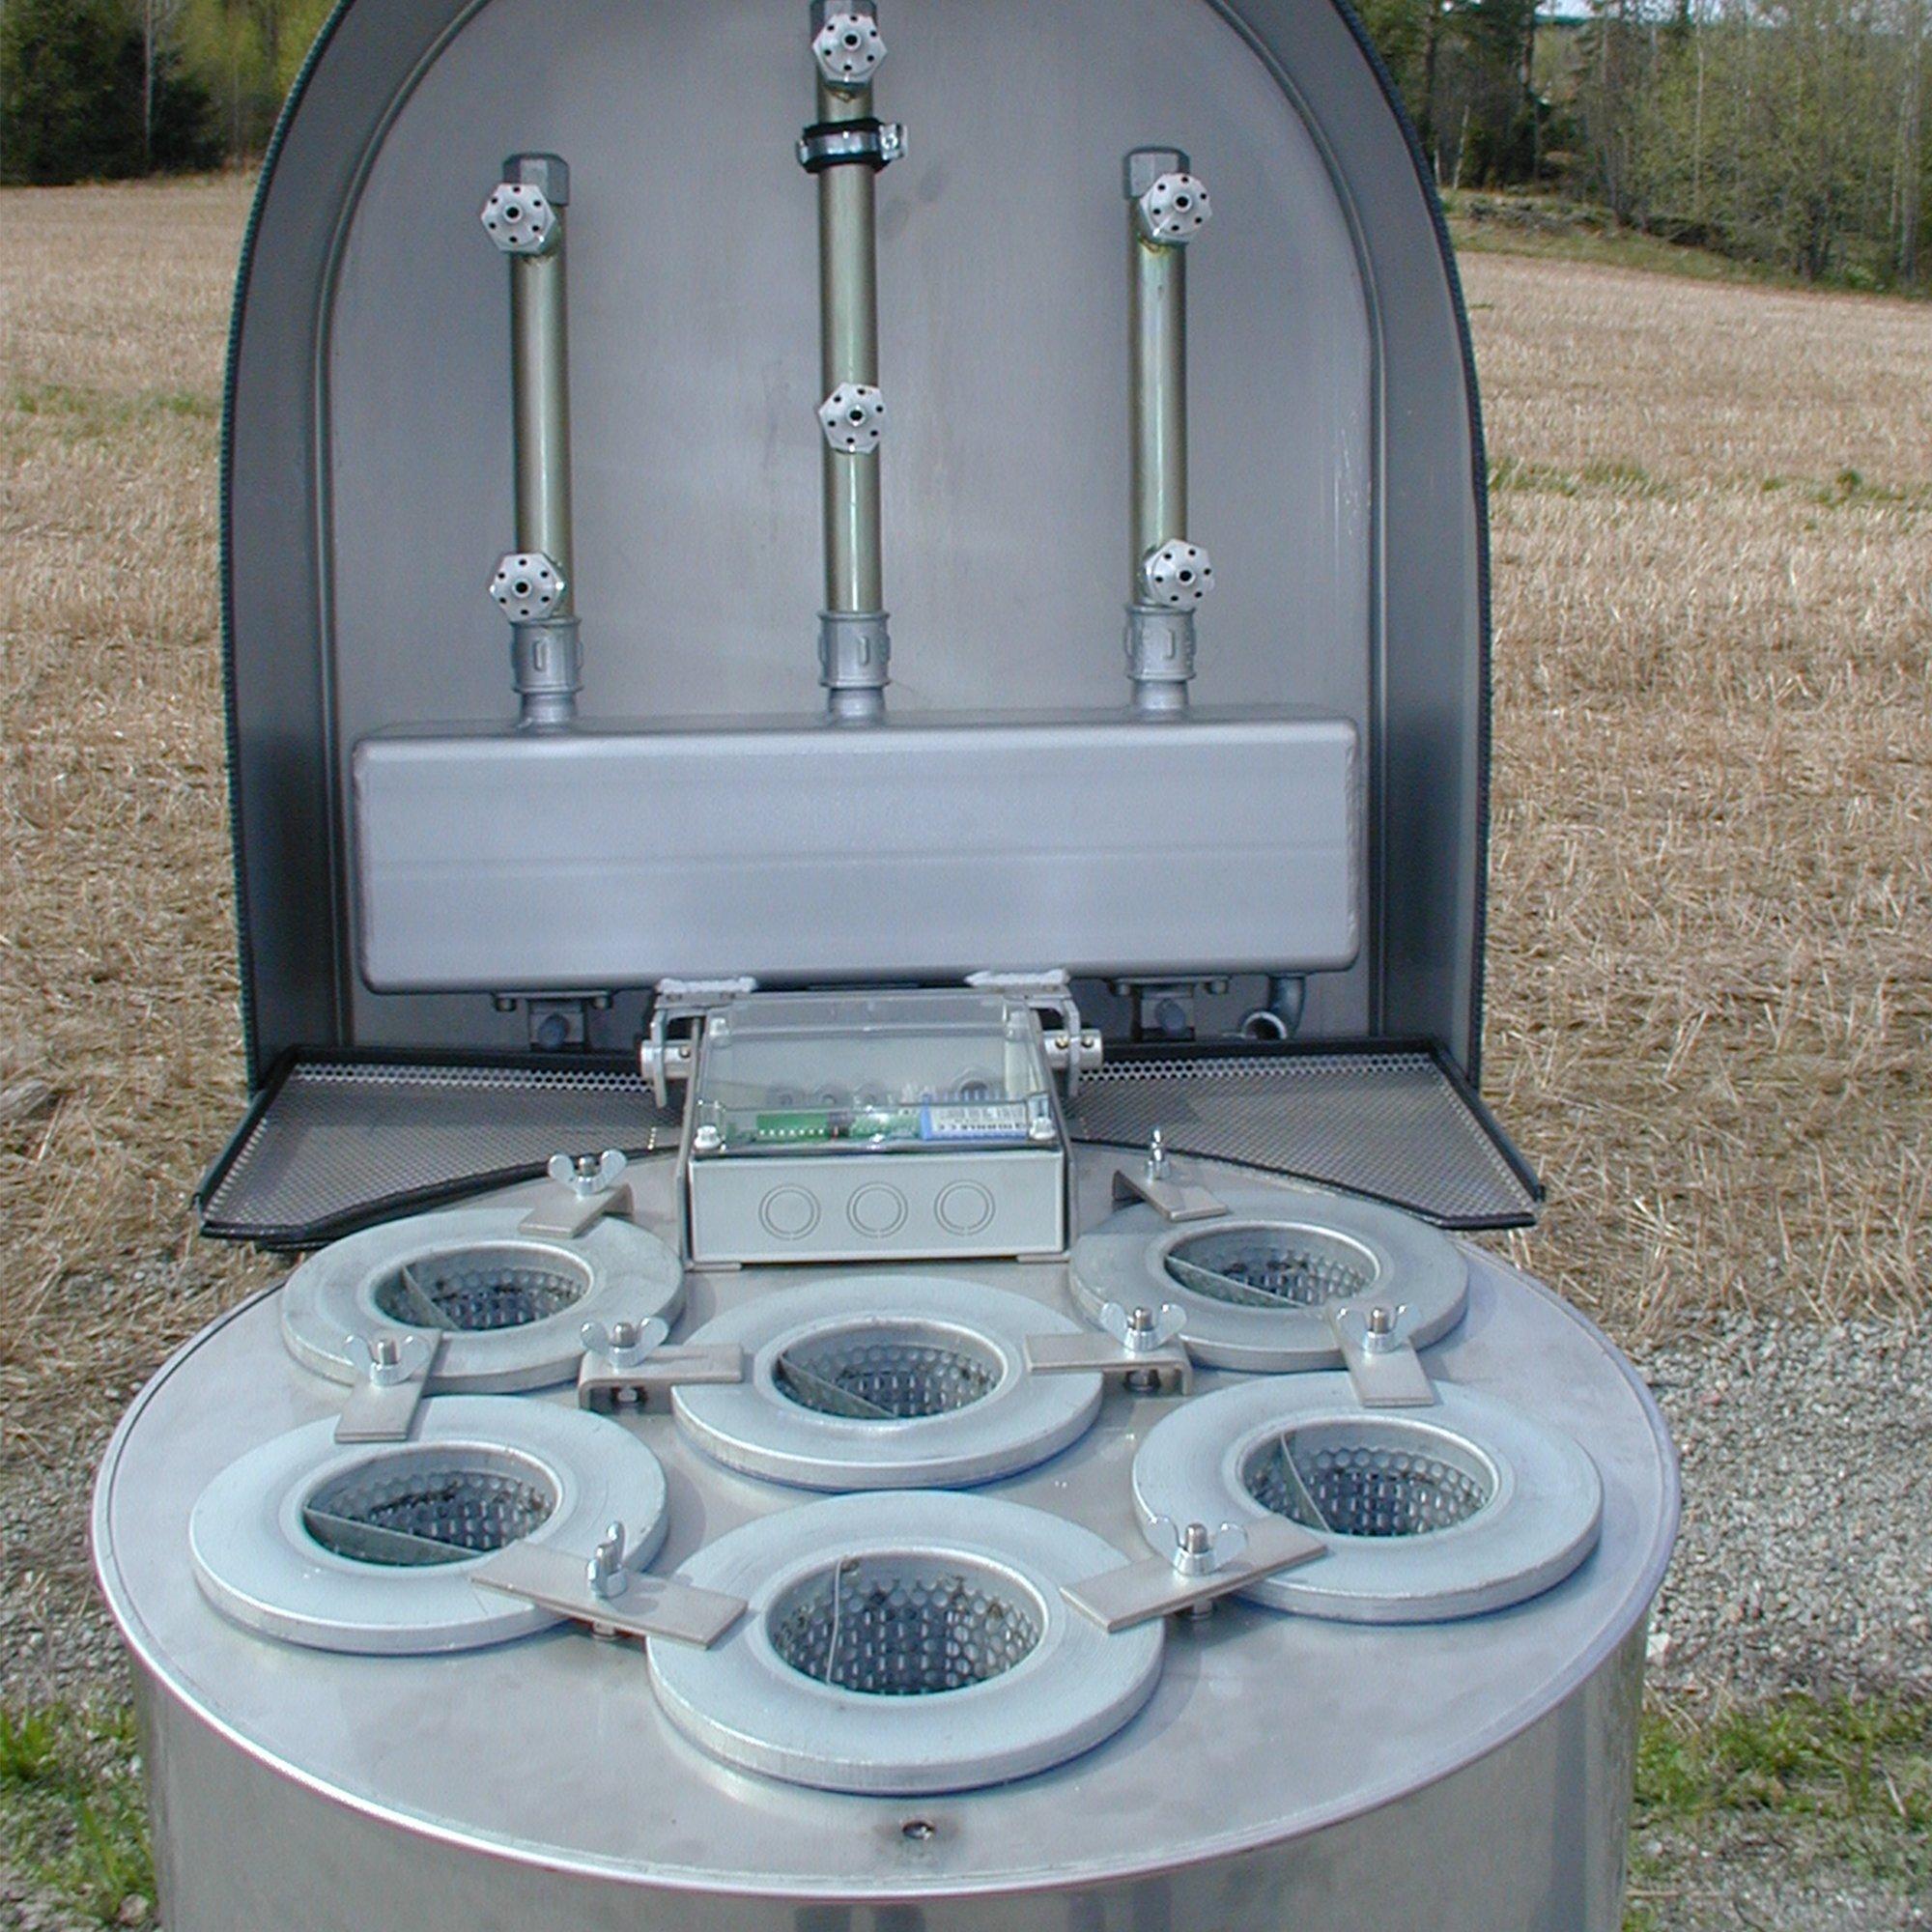 FG silo ventilation filter